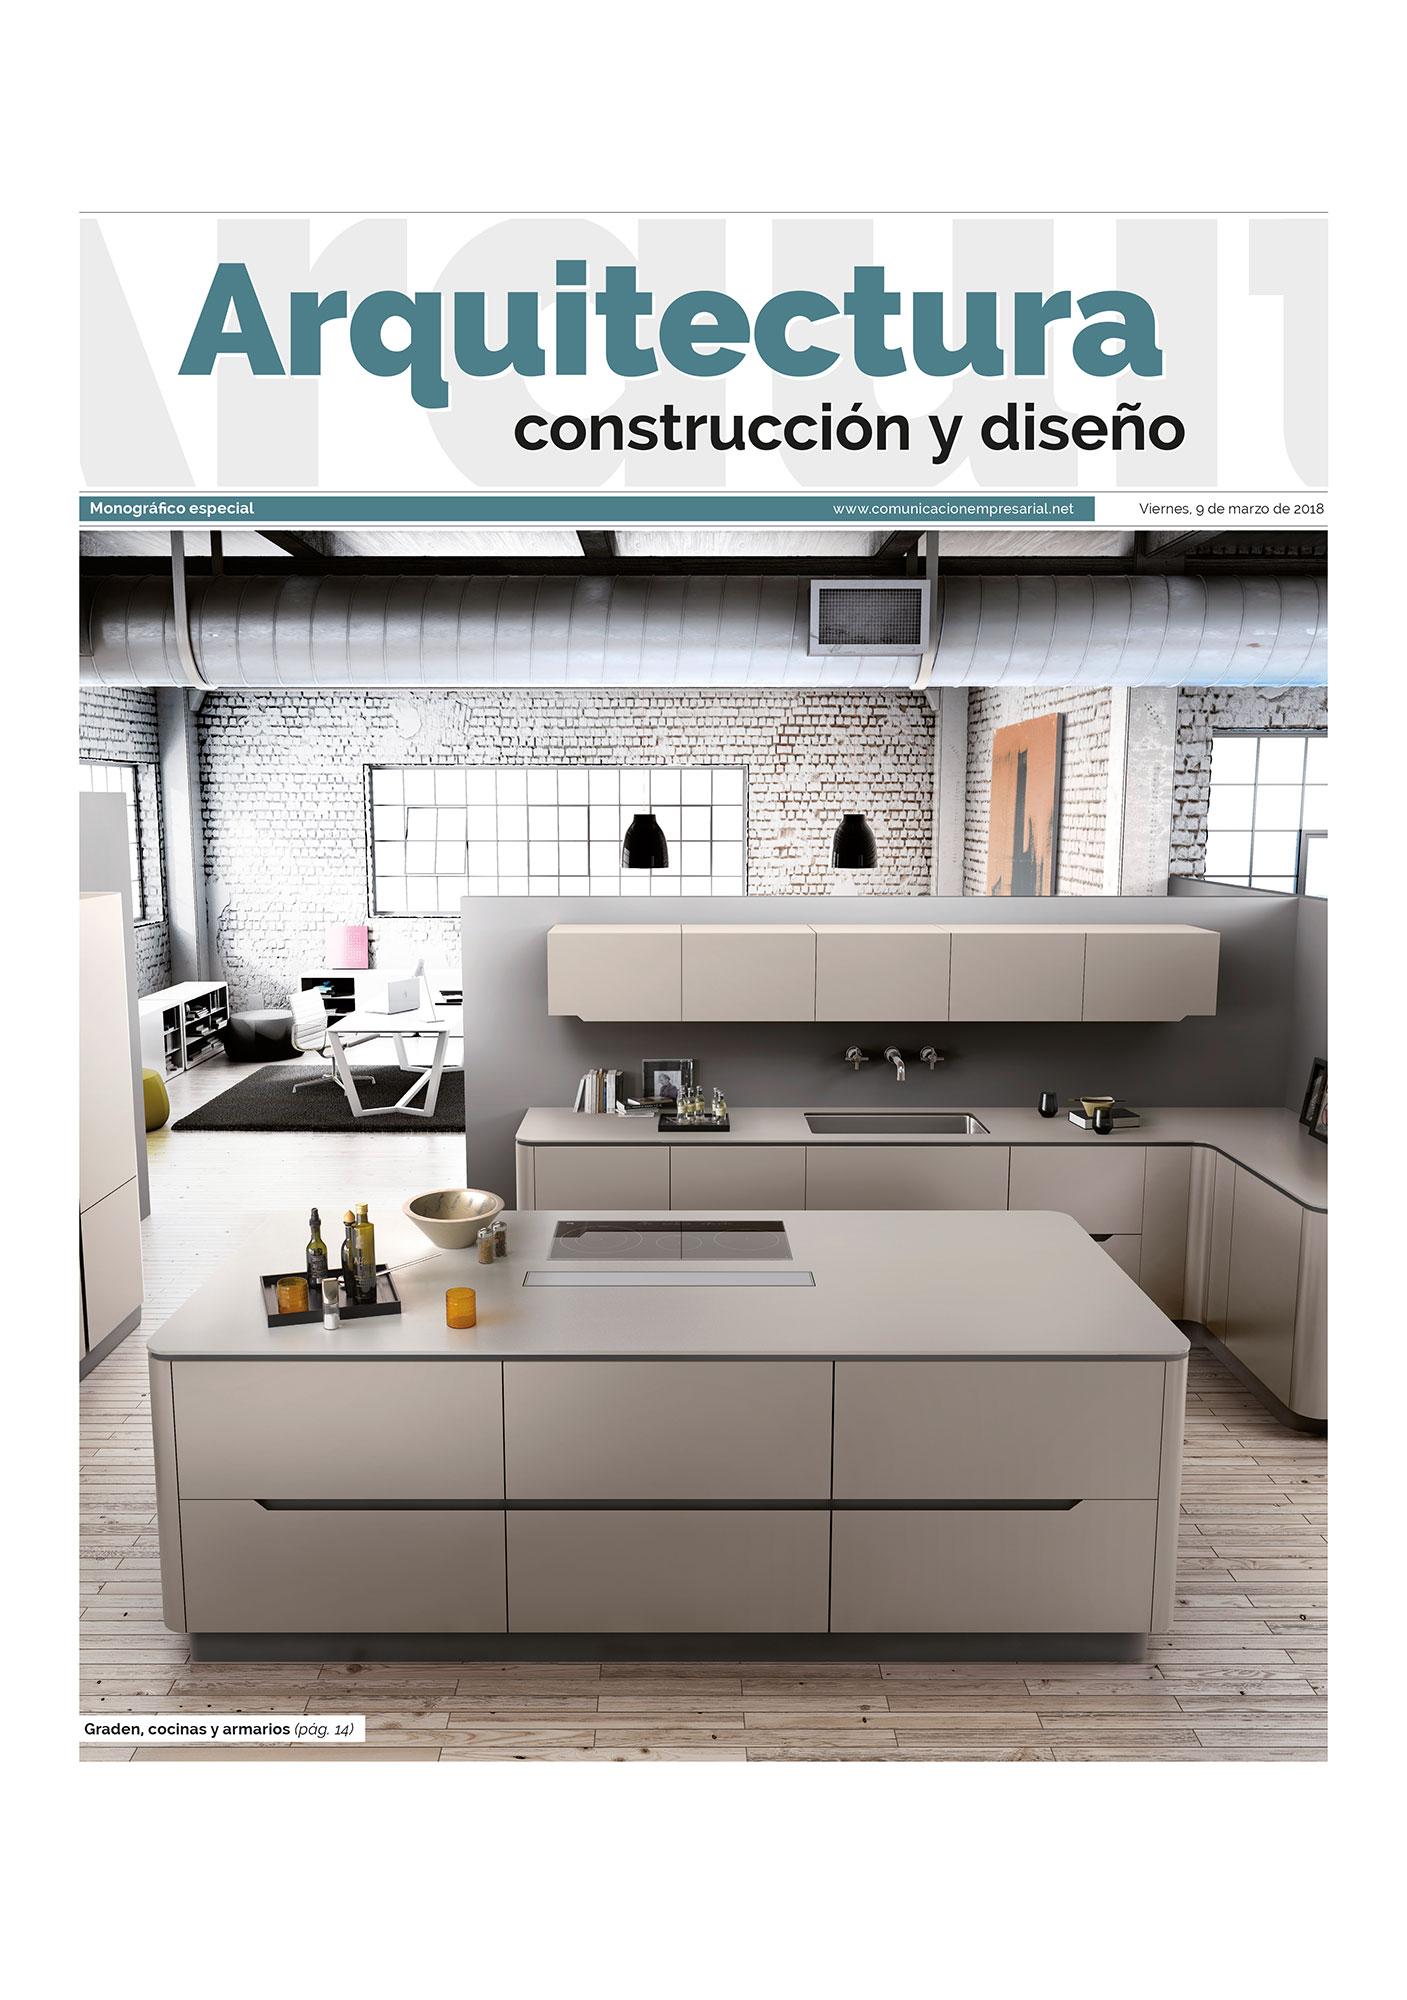 Arquitectura construcci n y dise o la raz n for Arquitectura diseno y construccion